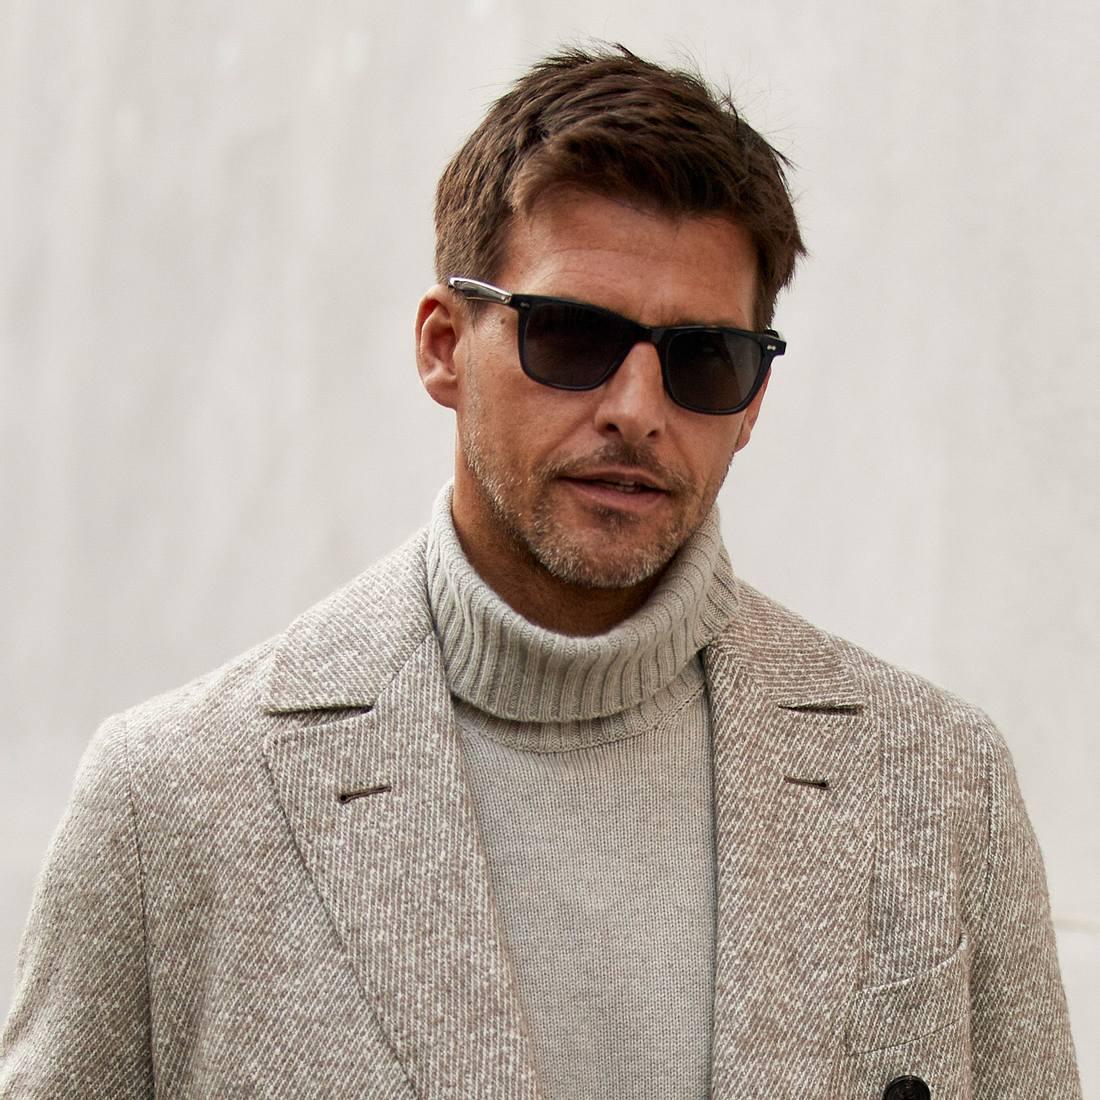 Männer Frisuren 2021: Diese Trendfrisuren tragen Männer ...